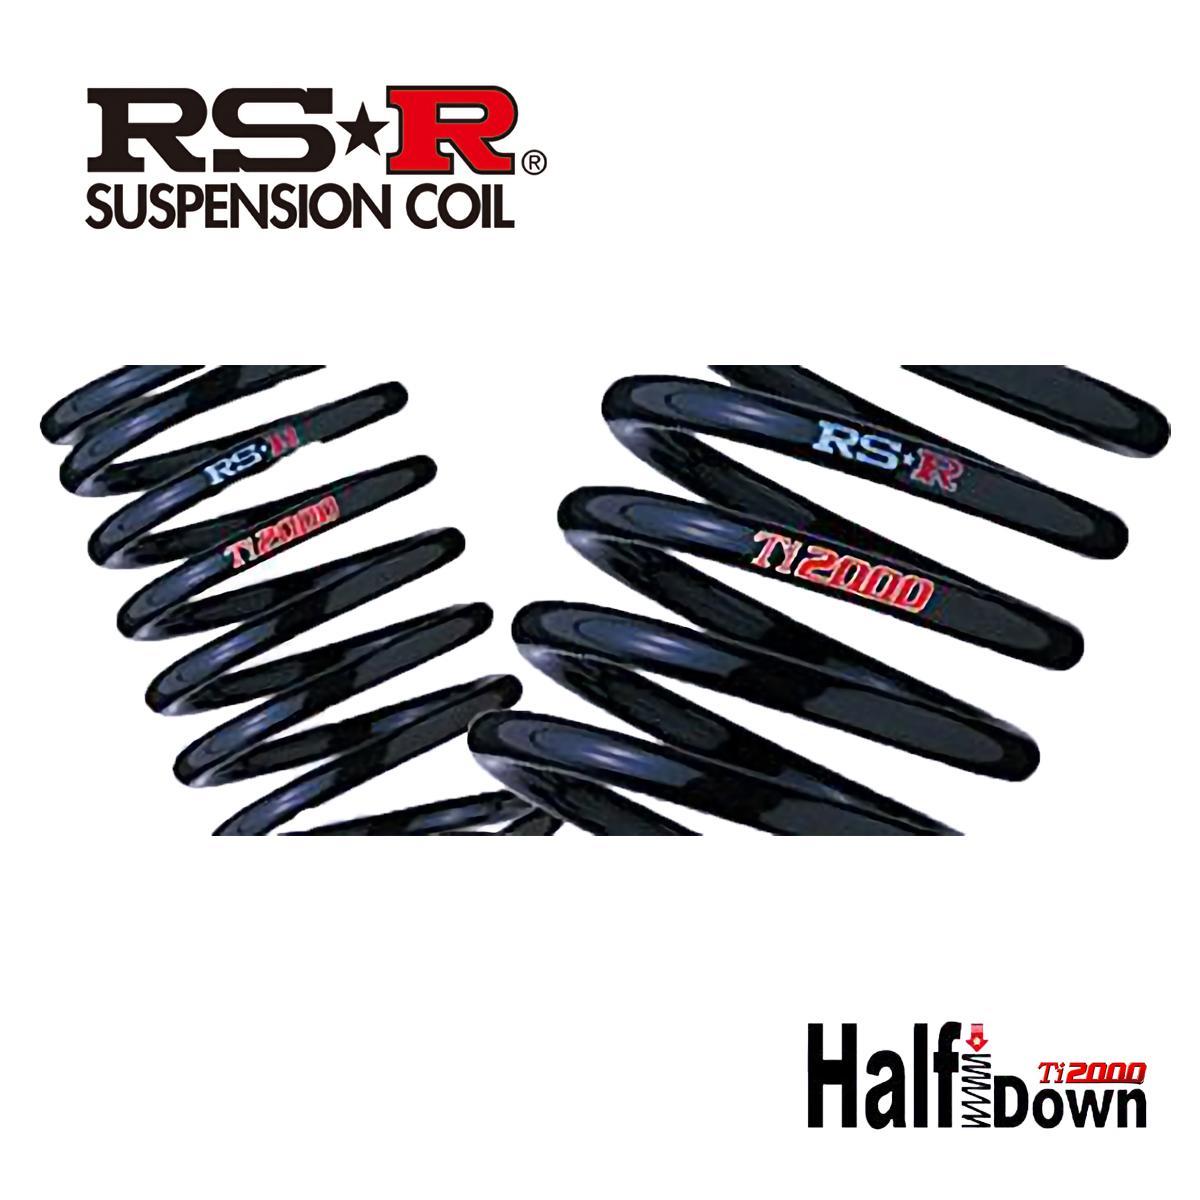 RS-R ノア ハイブリッドSi ZWR80W FF ダウンサス スプリング リアのみ T931THDR Ti2000 ハーフダウン RSR 個人宅発送追金有